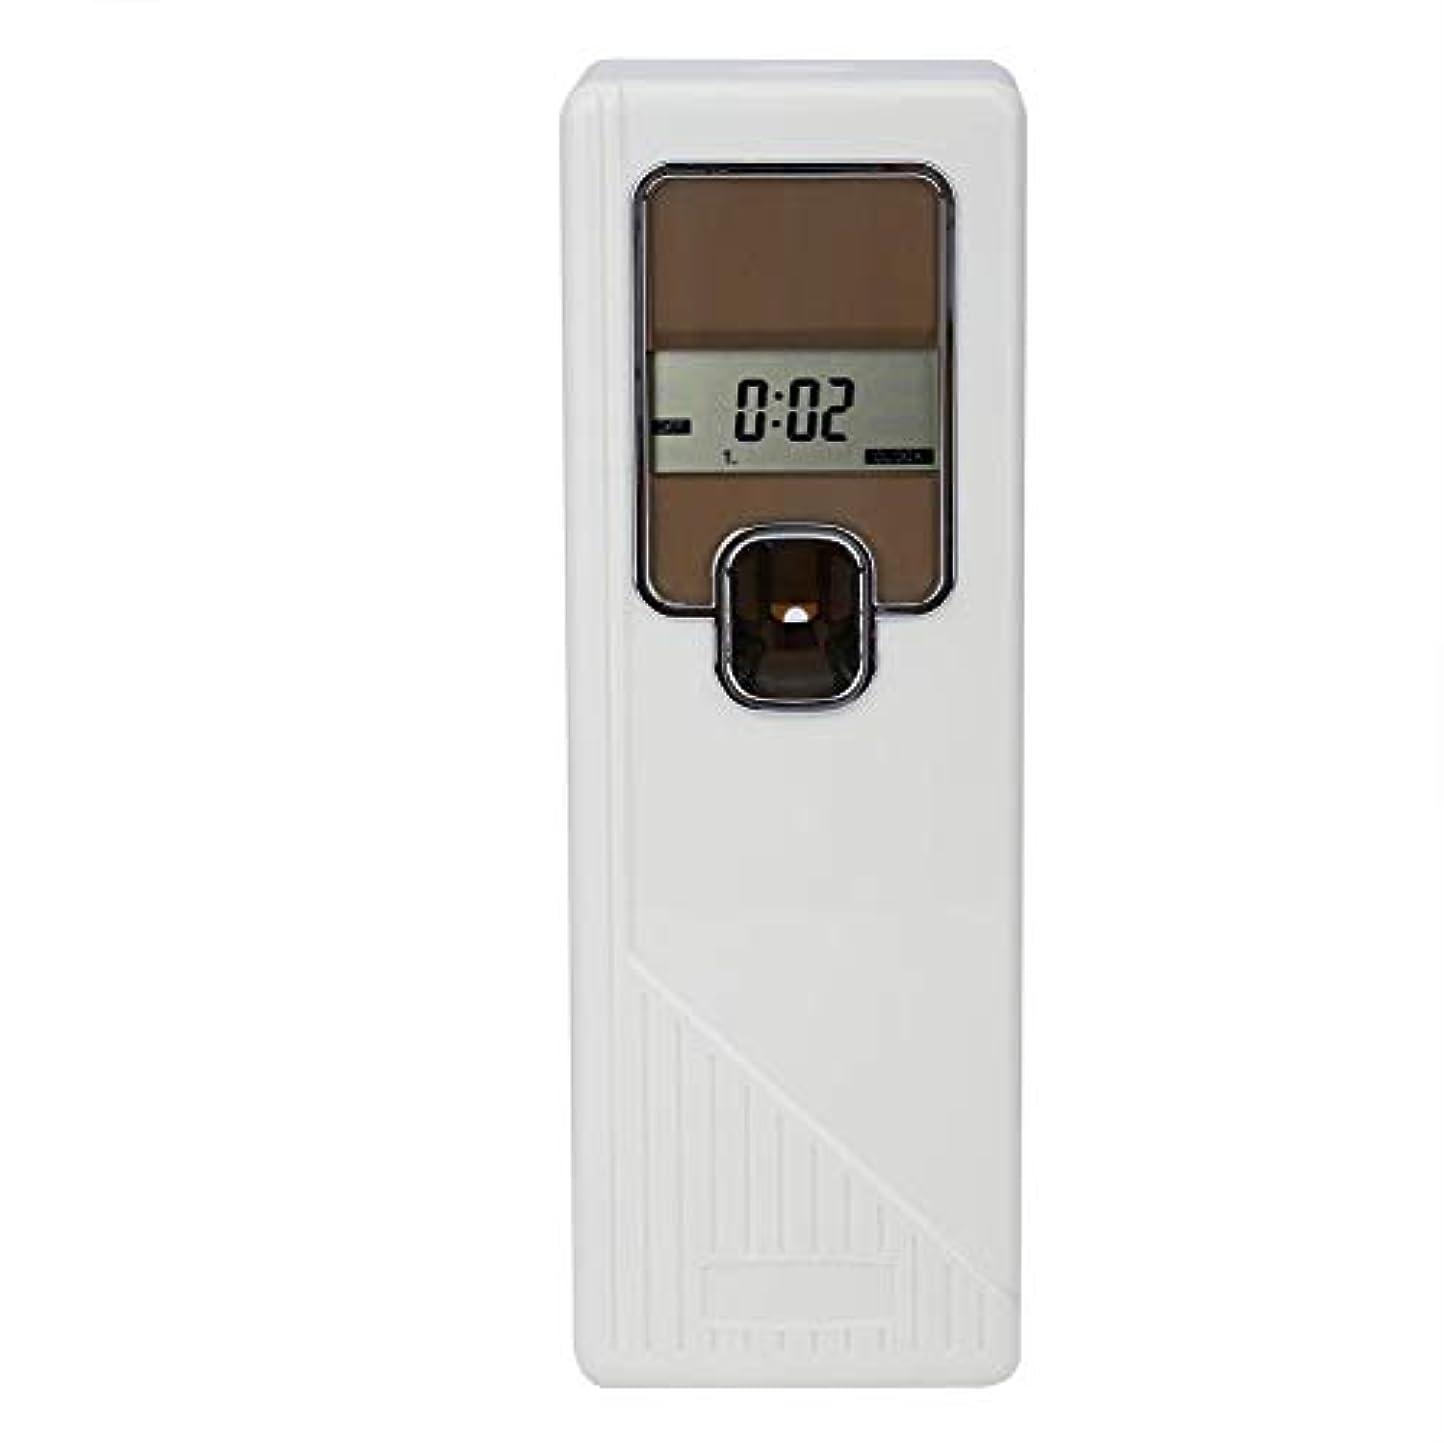 アロマディフューザー 小型消臭器 エアゾールディスペンサー 設定時間 3つの動作モード LCD画面 家、企業の洗面所、居間、寝室、オフィス